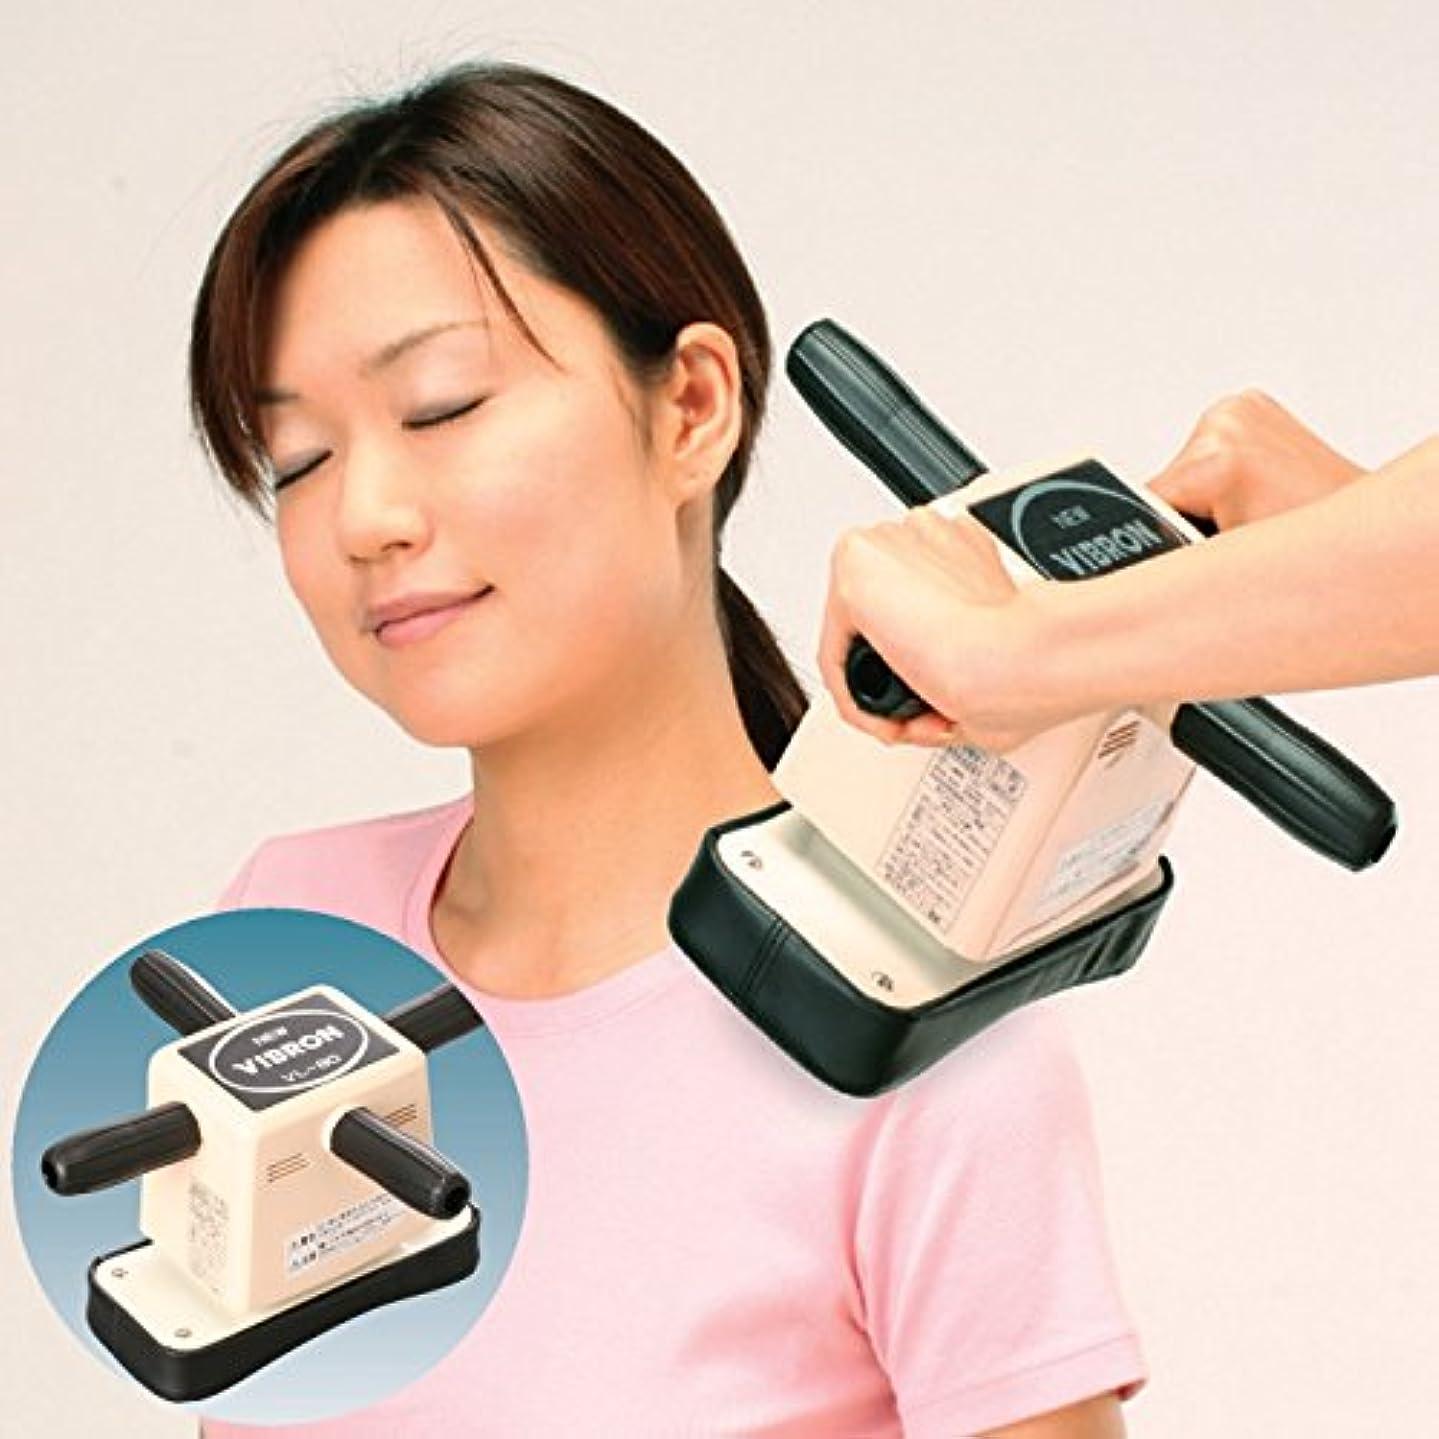 マッサージ器 家庭用 電動 按摩器 小型 日本製 (首?腰?足?ふくろはぎ?肩こりに)